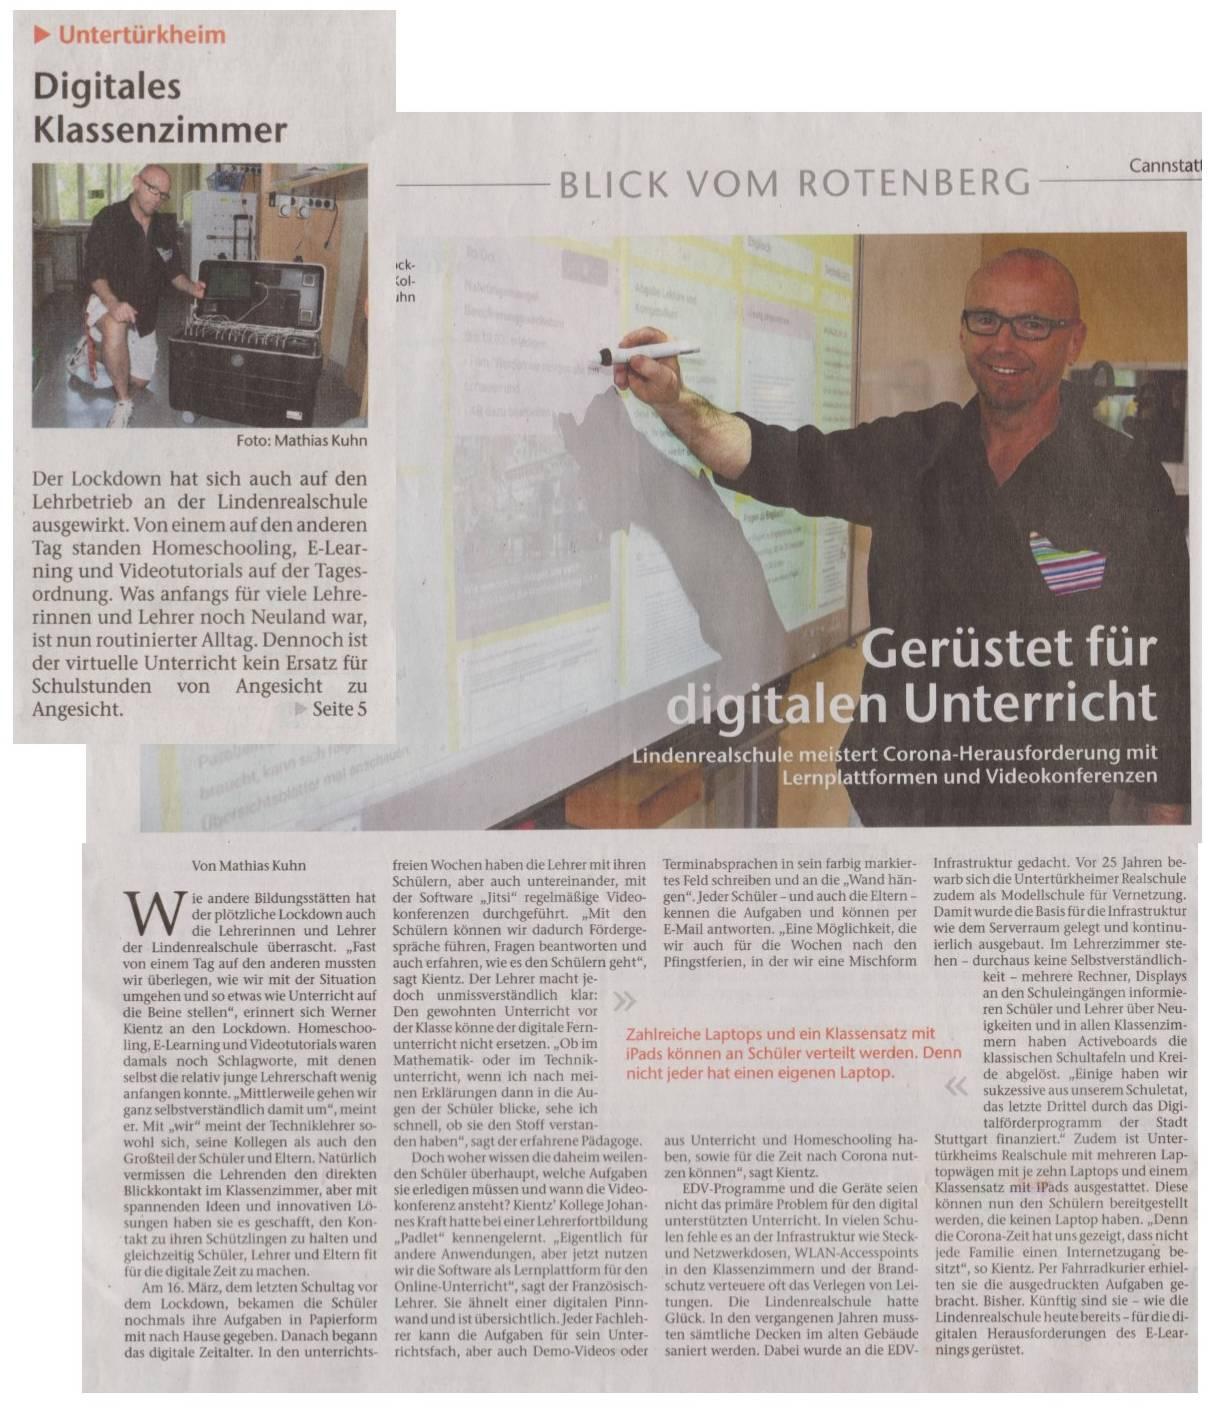 Digitalisierung Zeitungsartikel